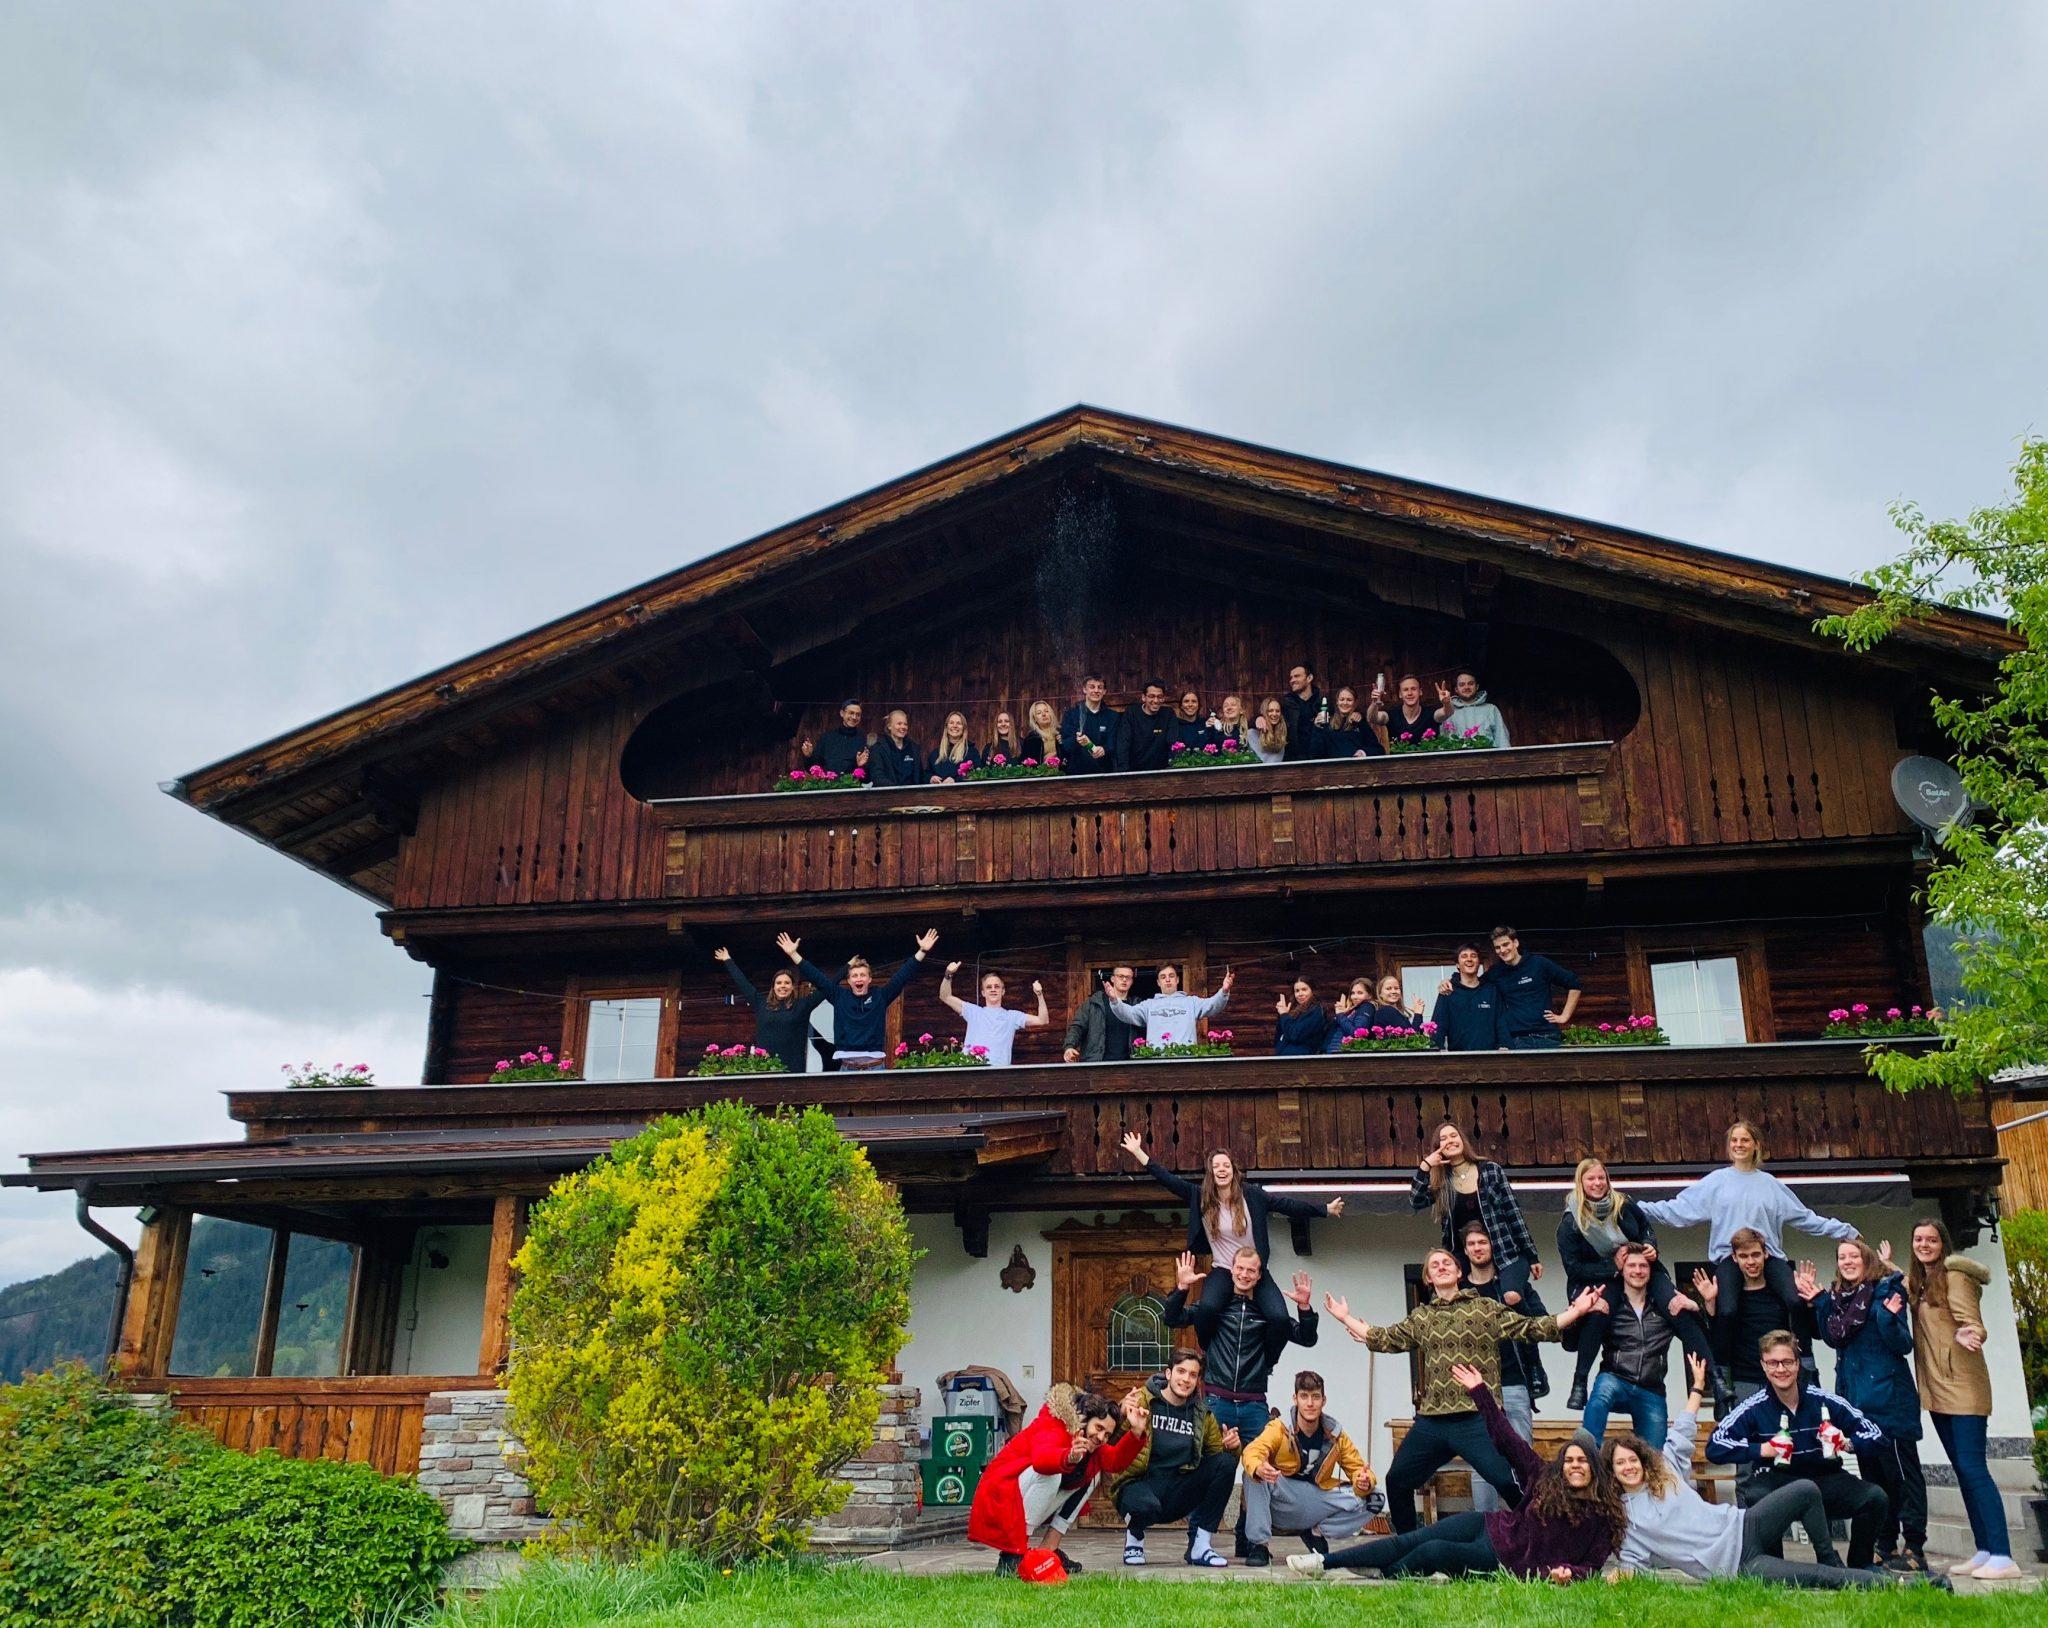 Berghütte mit Balkon, Studenten stehen auf Balkon und im Garten vor der Hütte